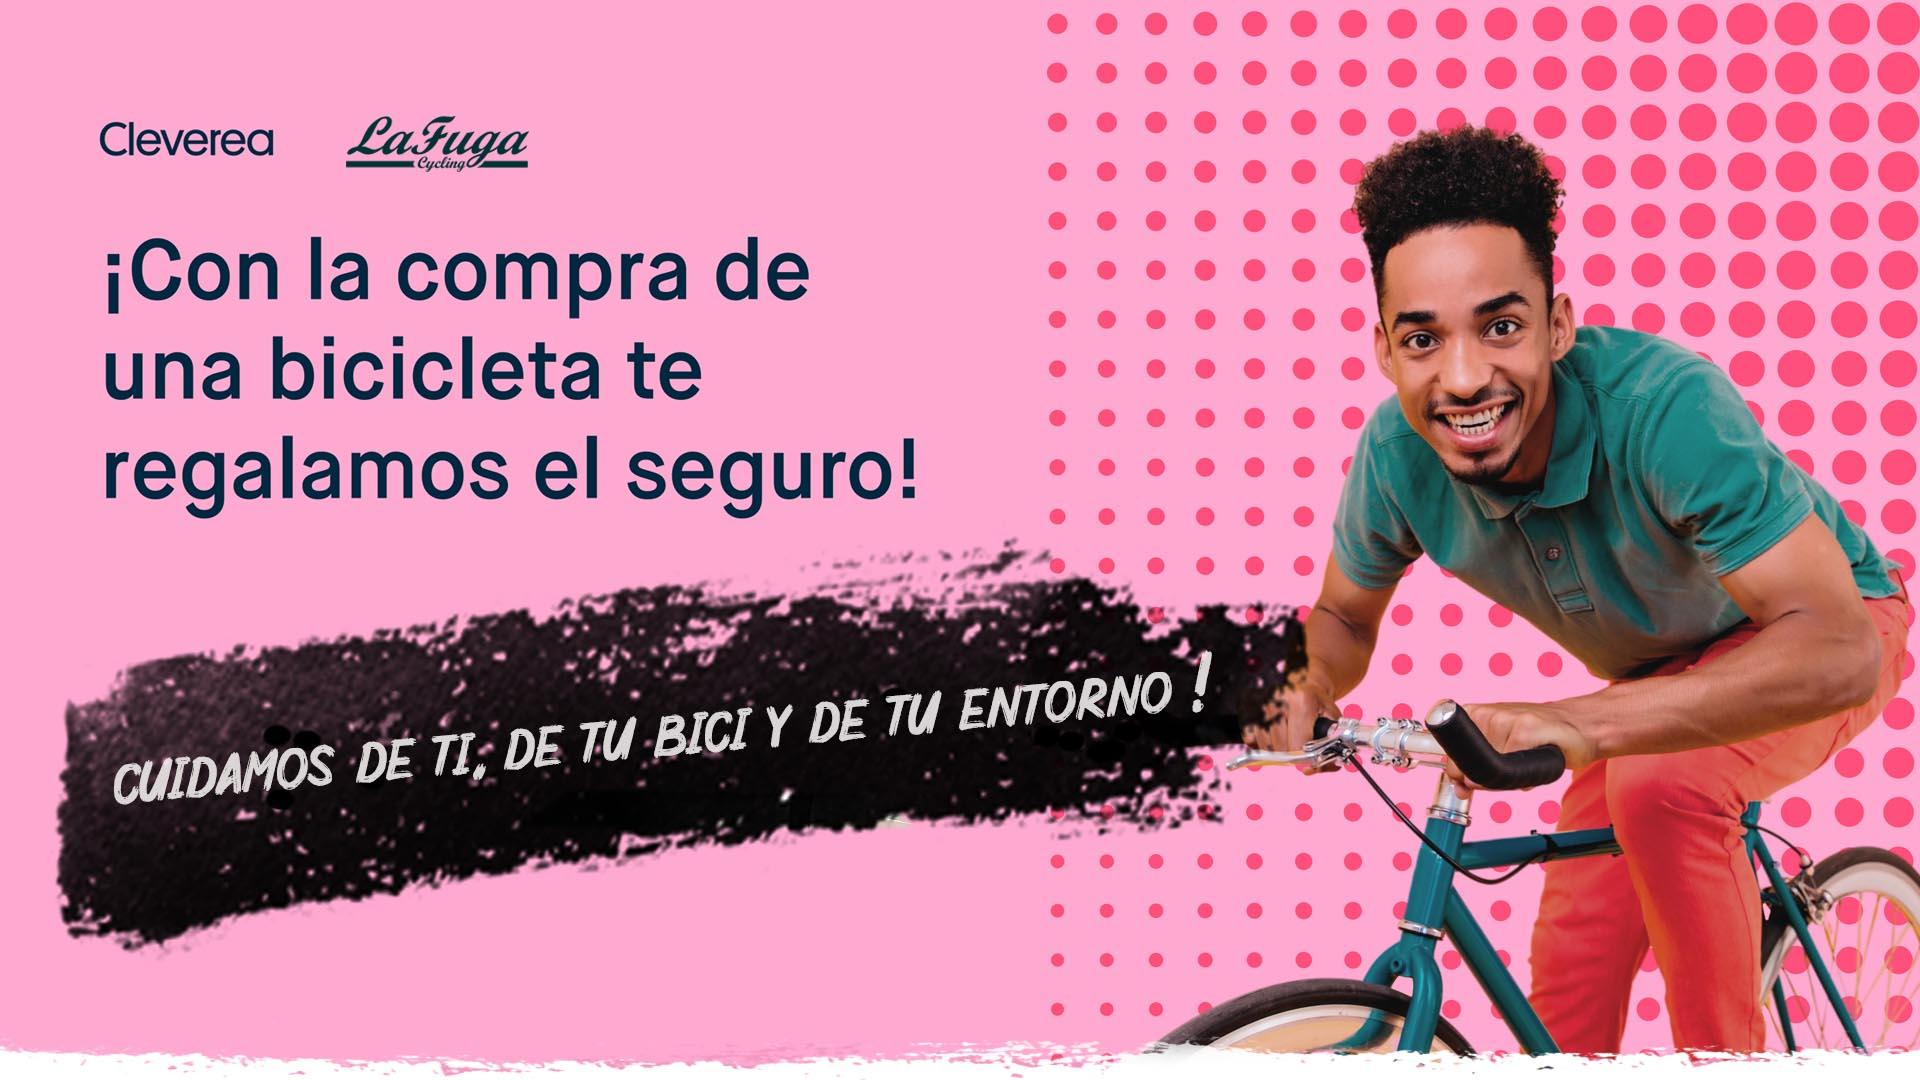 LaFuga Cycling regalará un seguro por la compra de una bicicleta